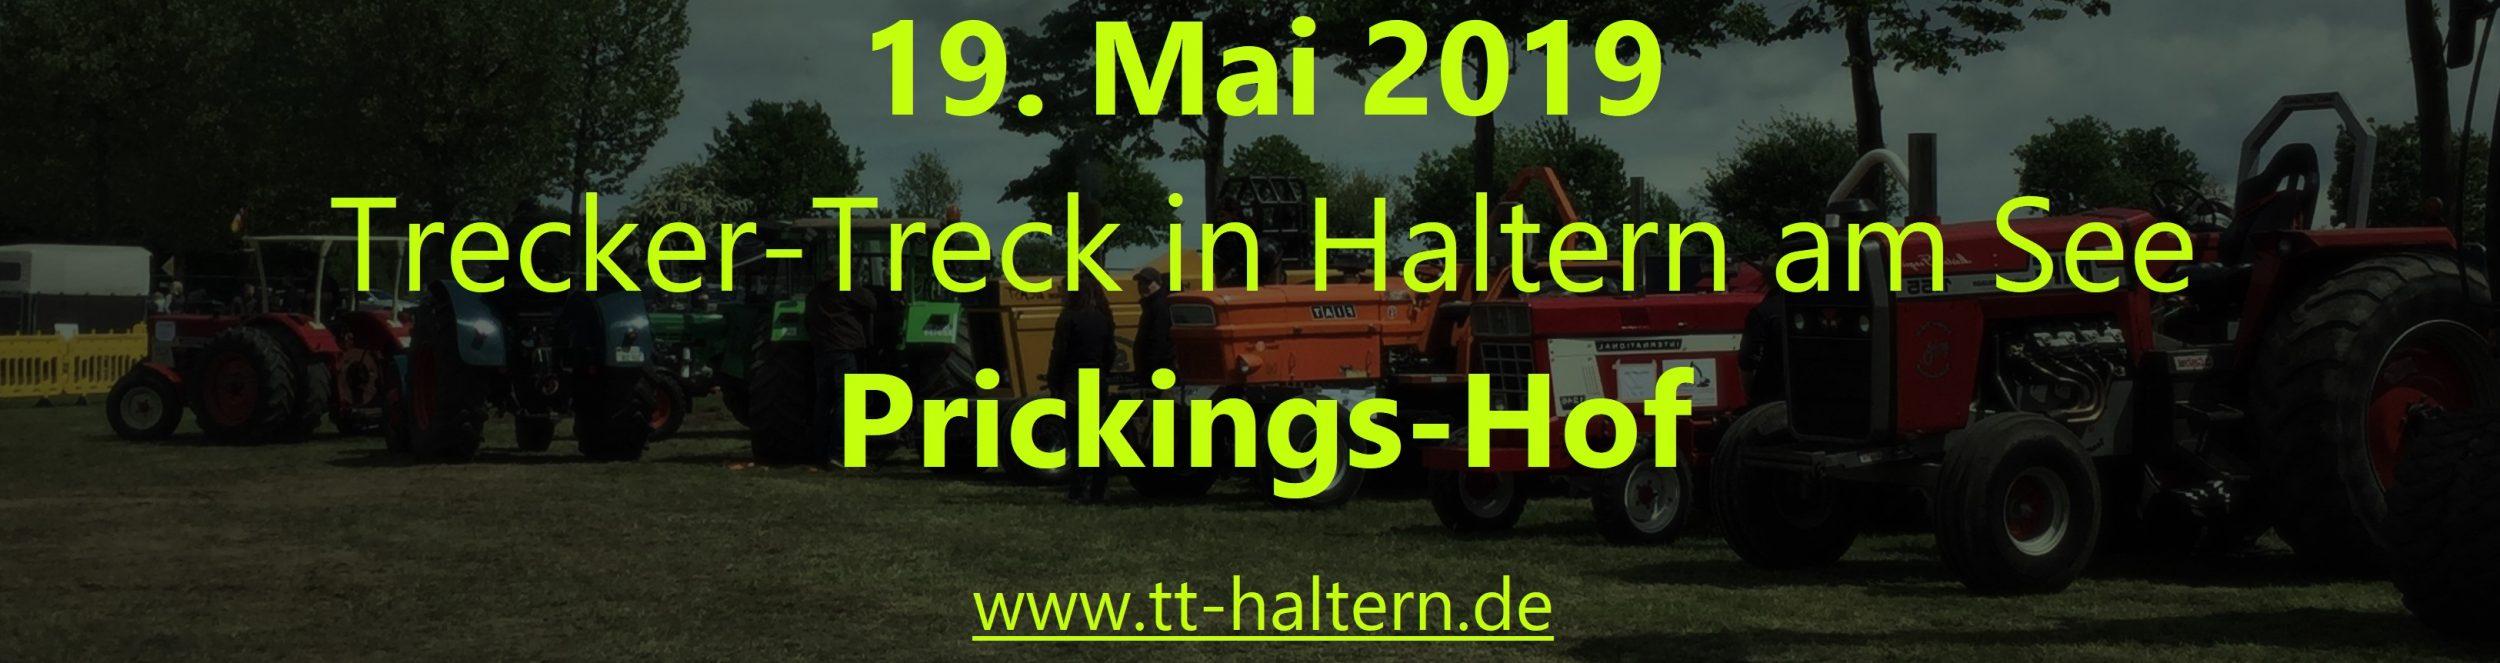 Trecker-Treck Haltern am See